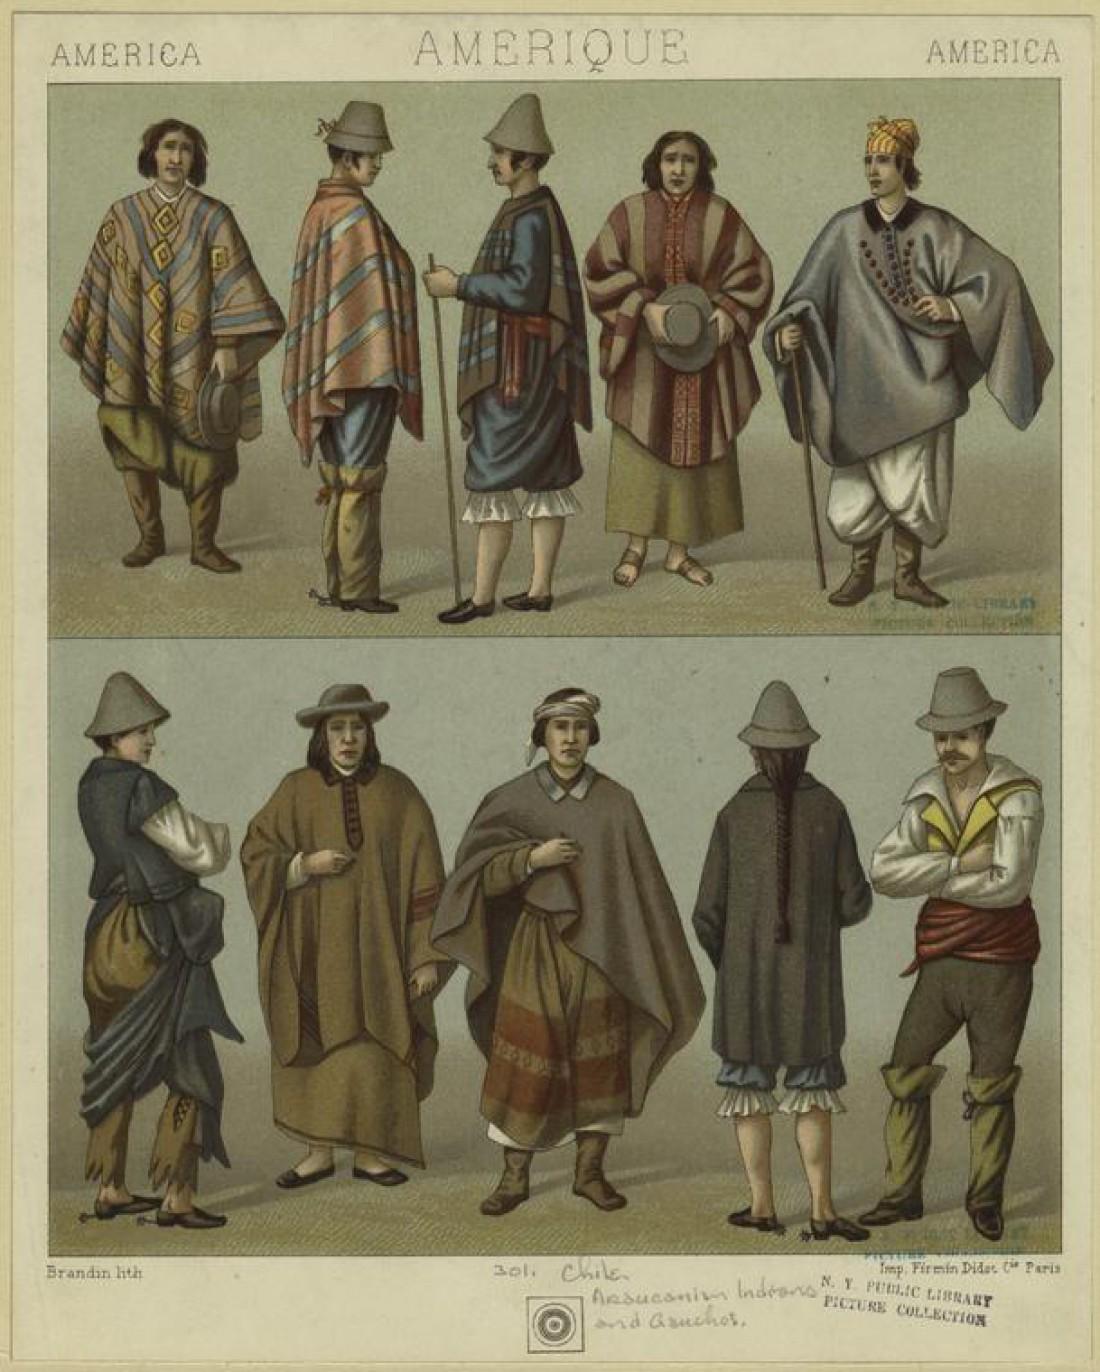 Арауканы (индейцы в Чили и Аргентине) и гаучо (этническая группа в Аргентине) в пончо